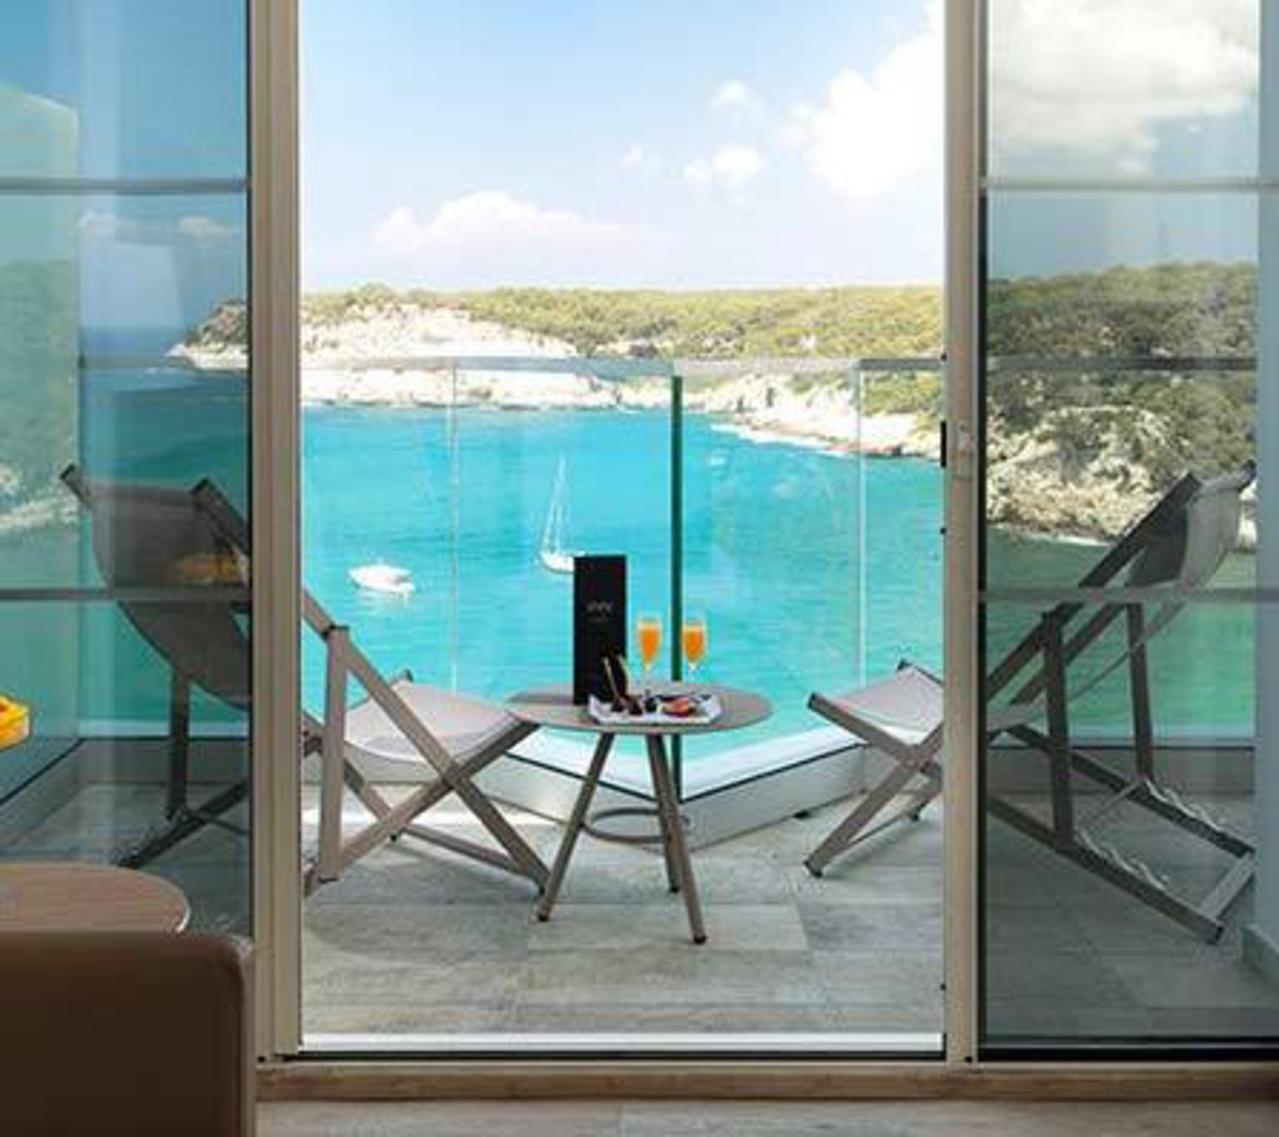 Melia Luxury Hotel - Menorca Spain - Center - Retreat Guru